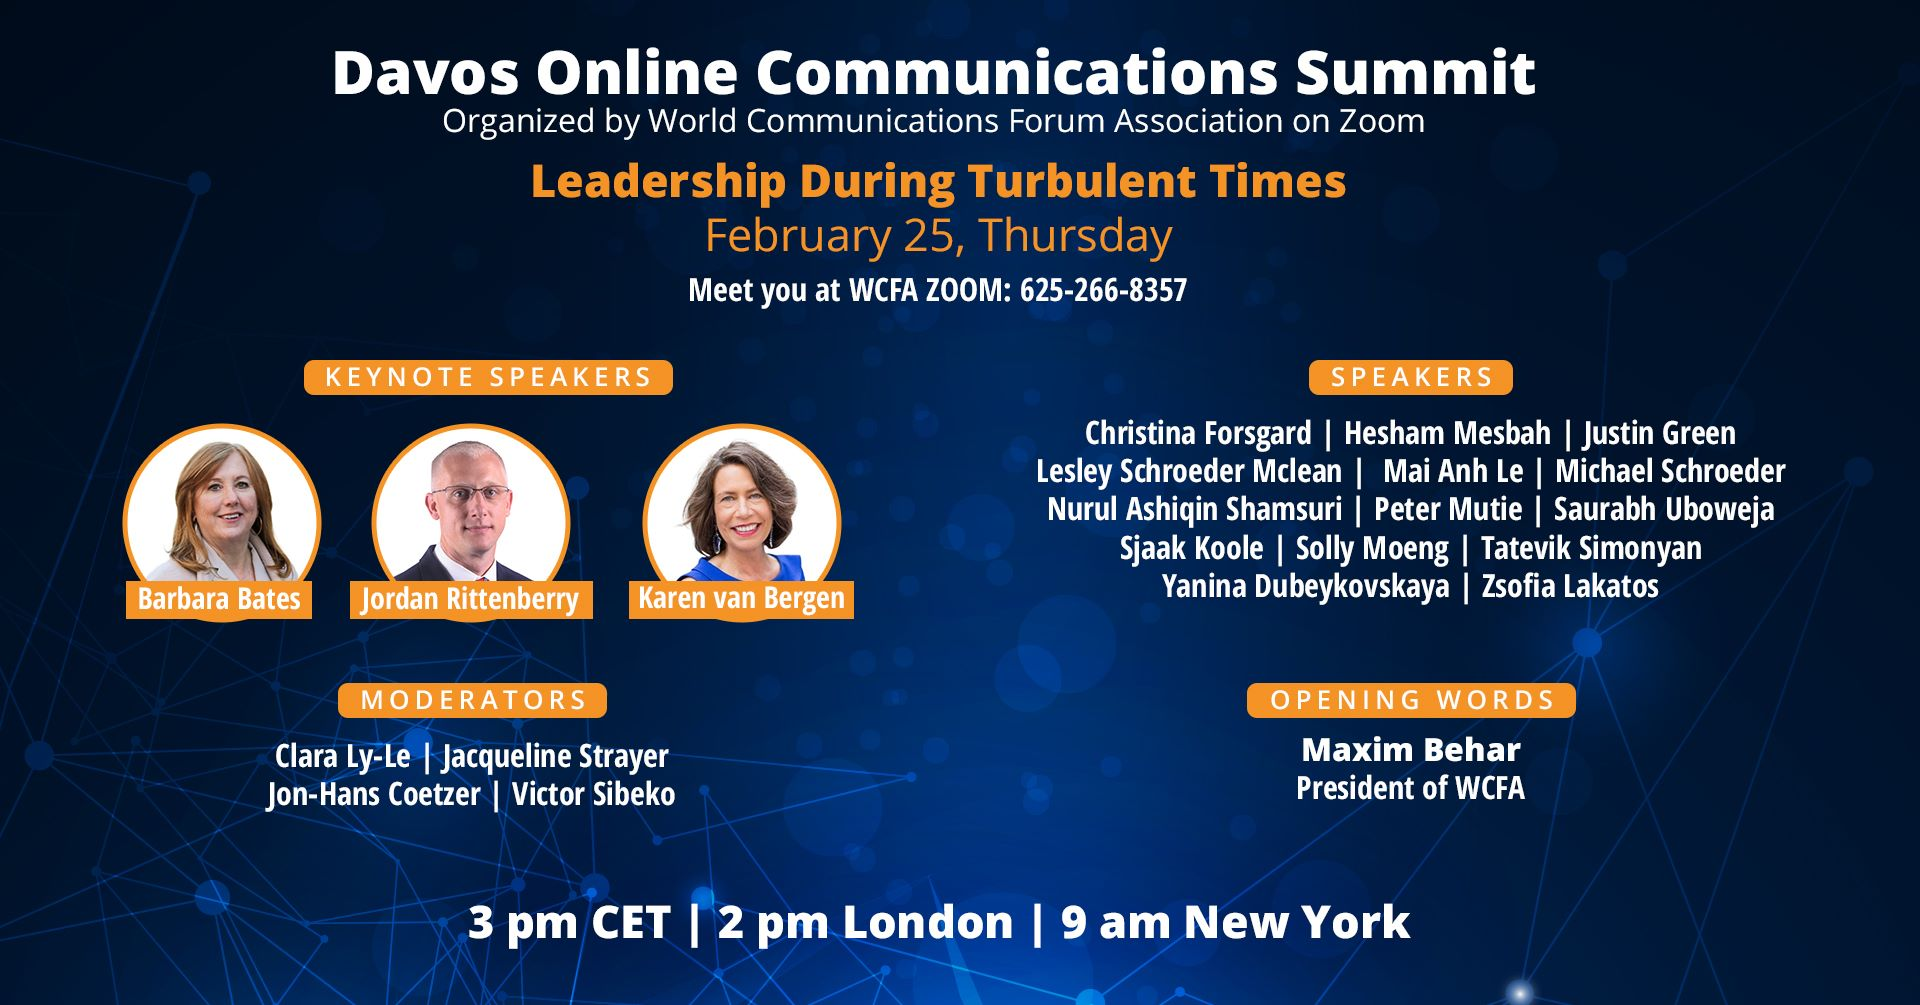 Davos Online Summit